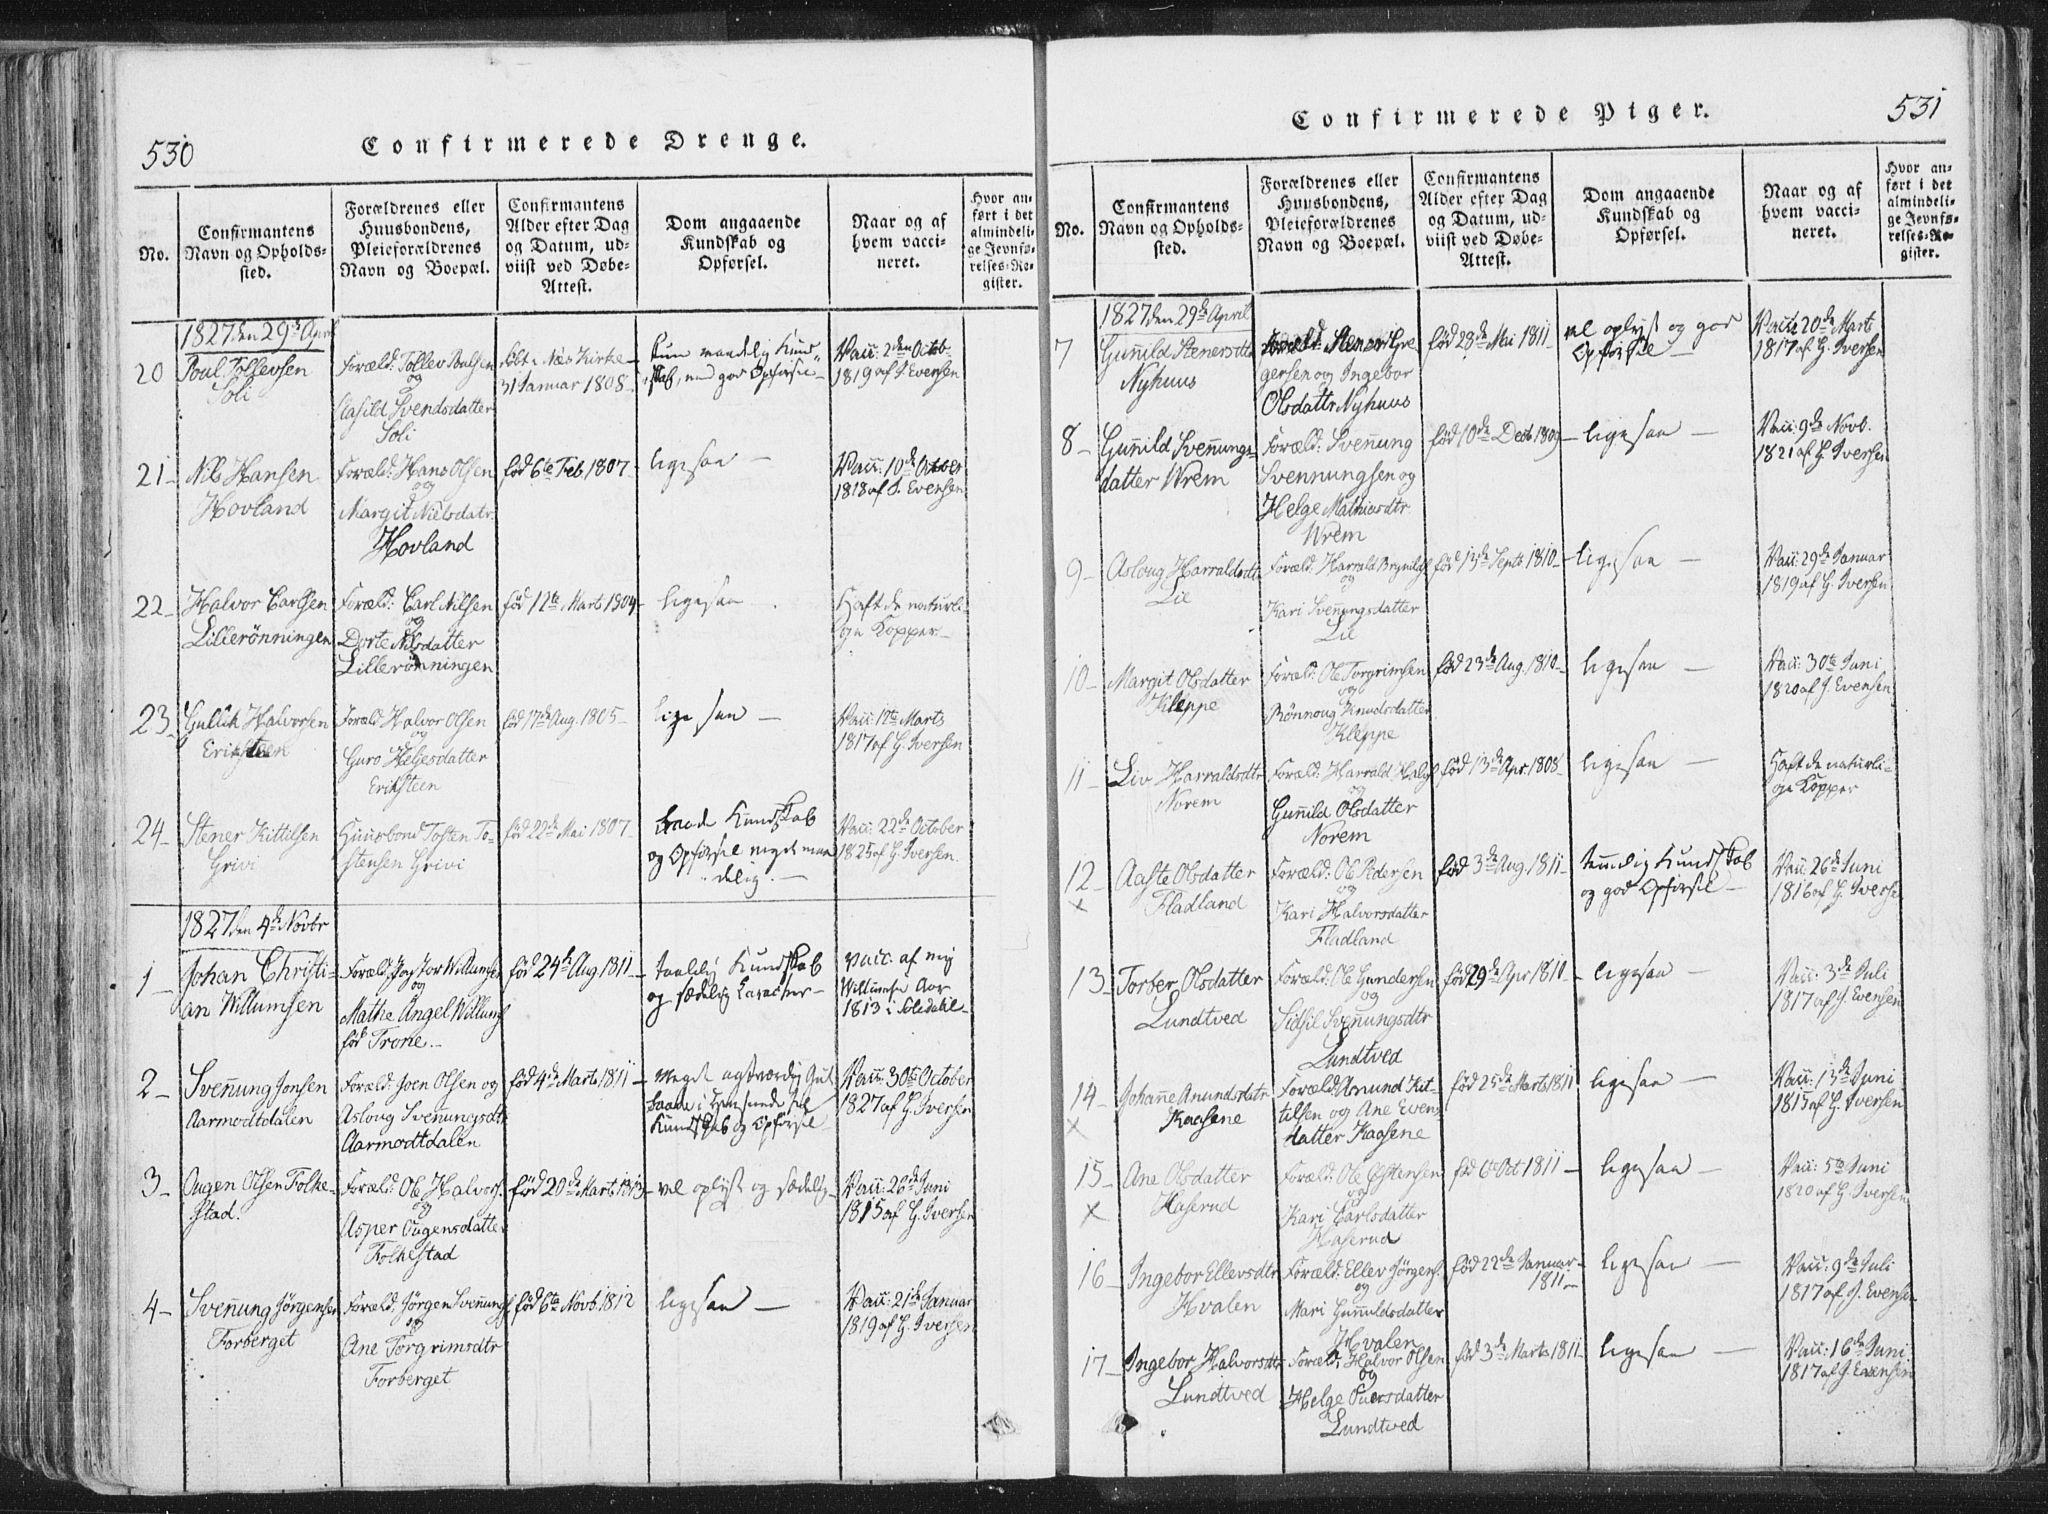 SAKO, Bø kirkebøker, F/Fa/L0006: Ministerialbok nr. 6, 1815-1831, s. 530-531